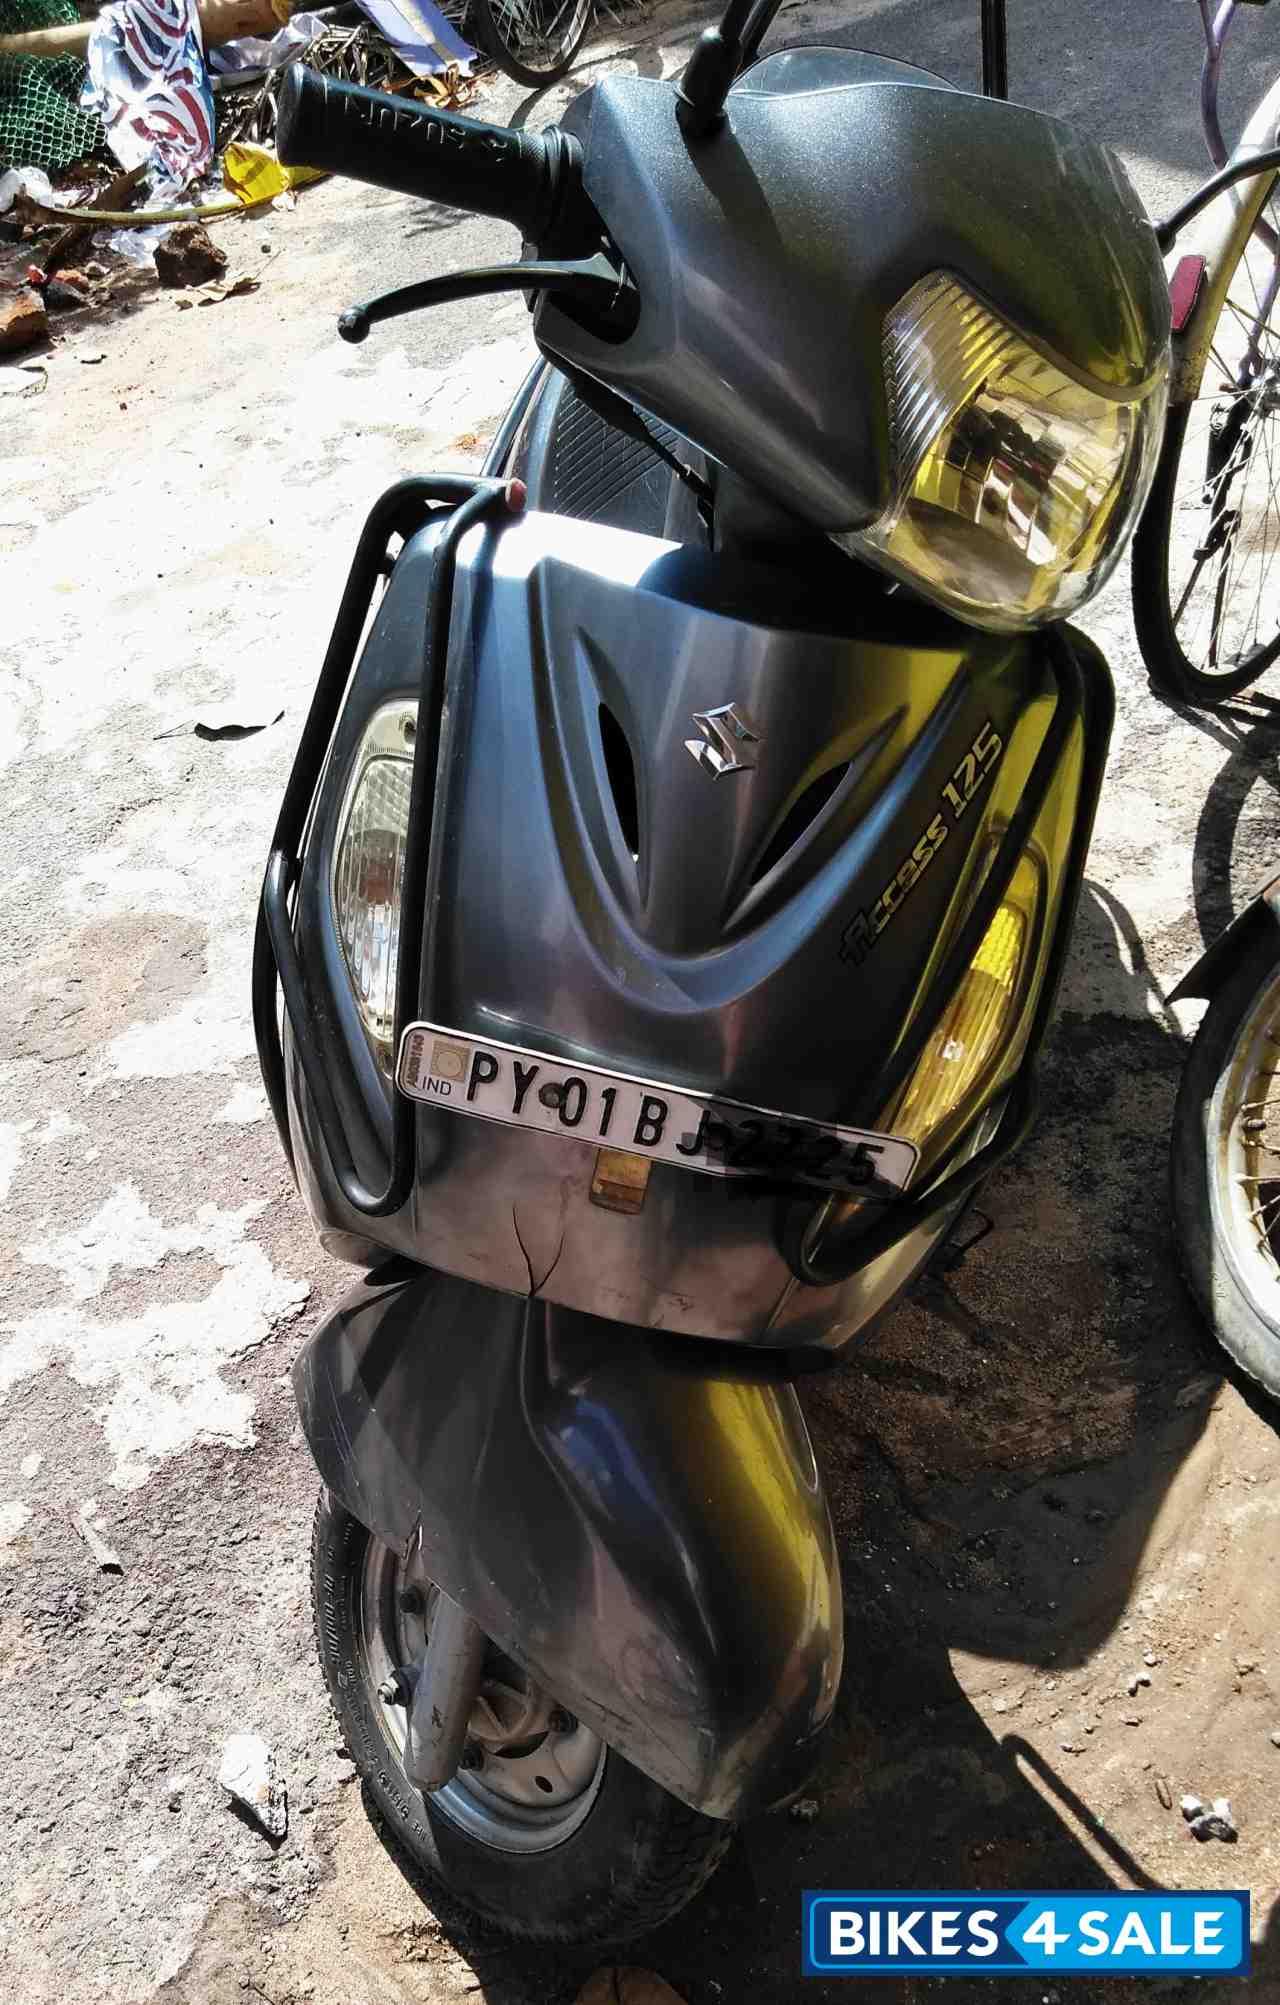 Used 2011 model Suzuki Access 125 for sale in Pondicherry. ID 165778. Grey colour - Bikes4Sale